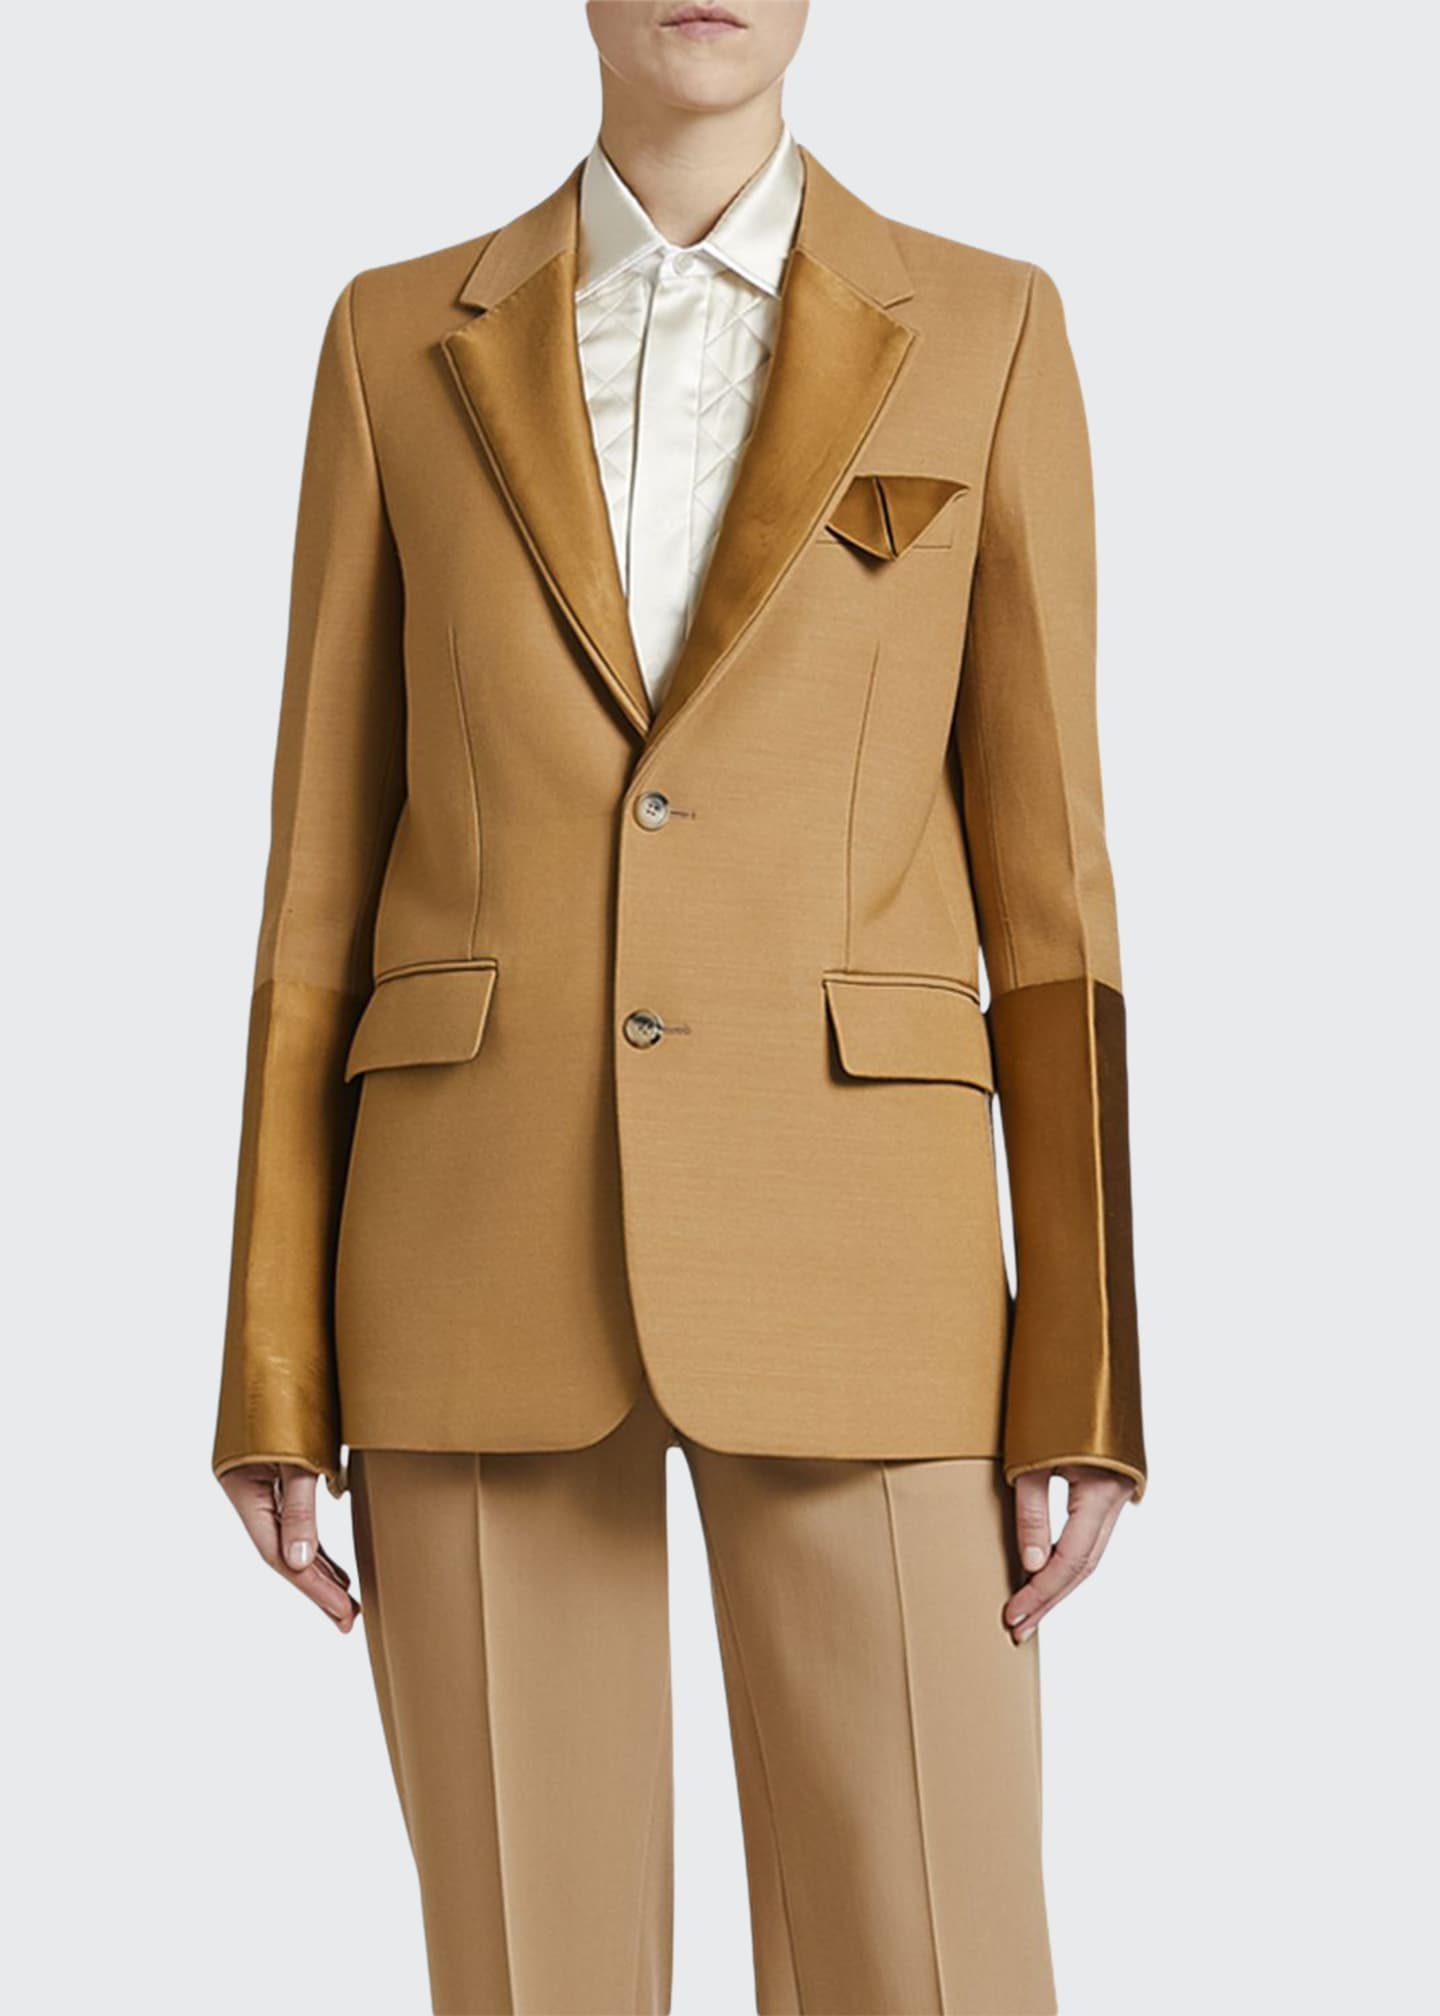 Bottega Veneta Compact Dry Wool Scuba Jacket